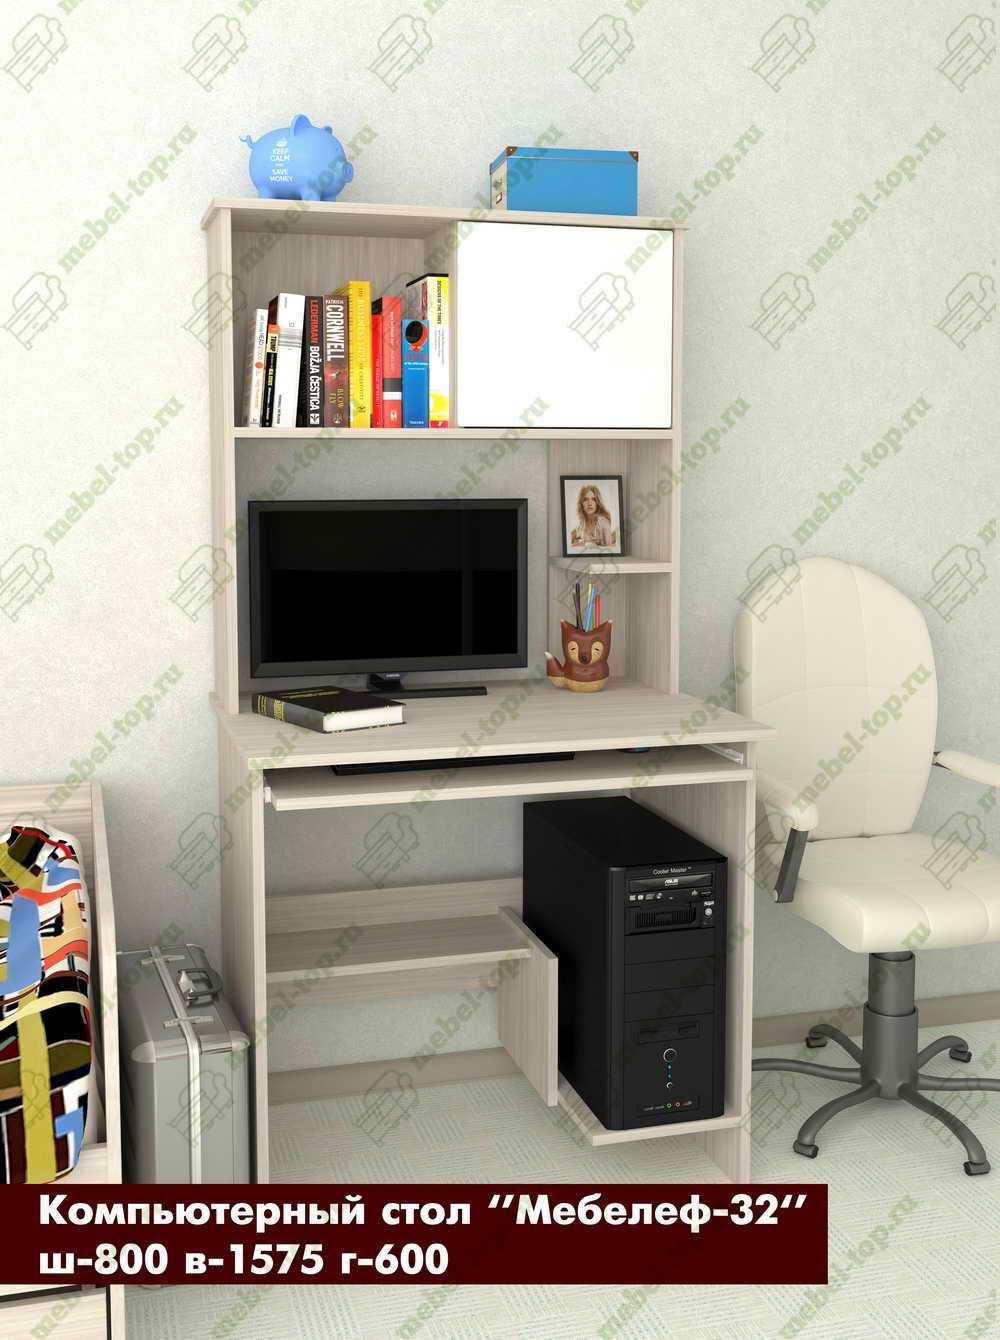 Компьютерный стол Мебелеф-32